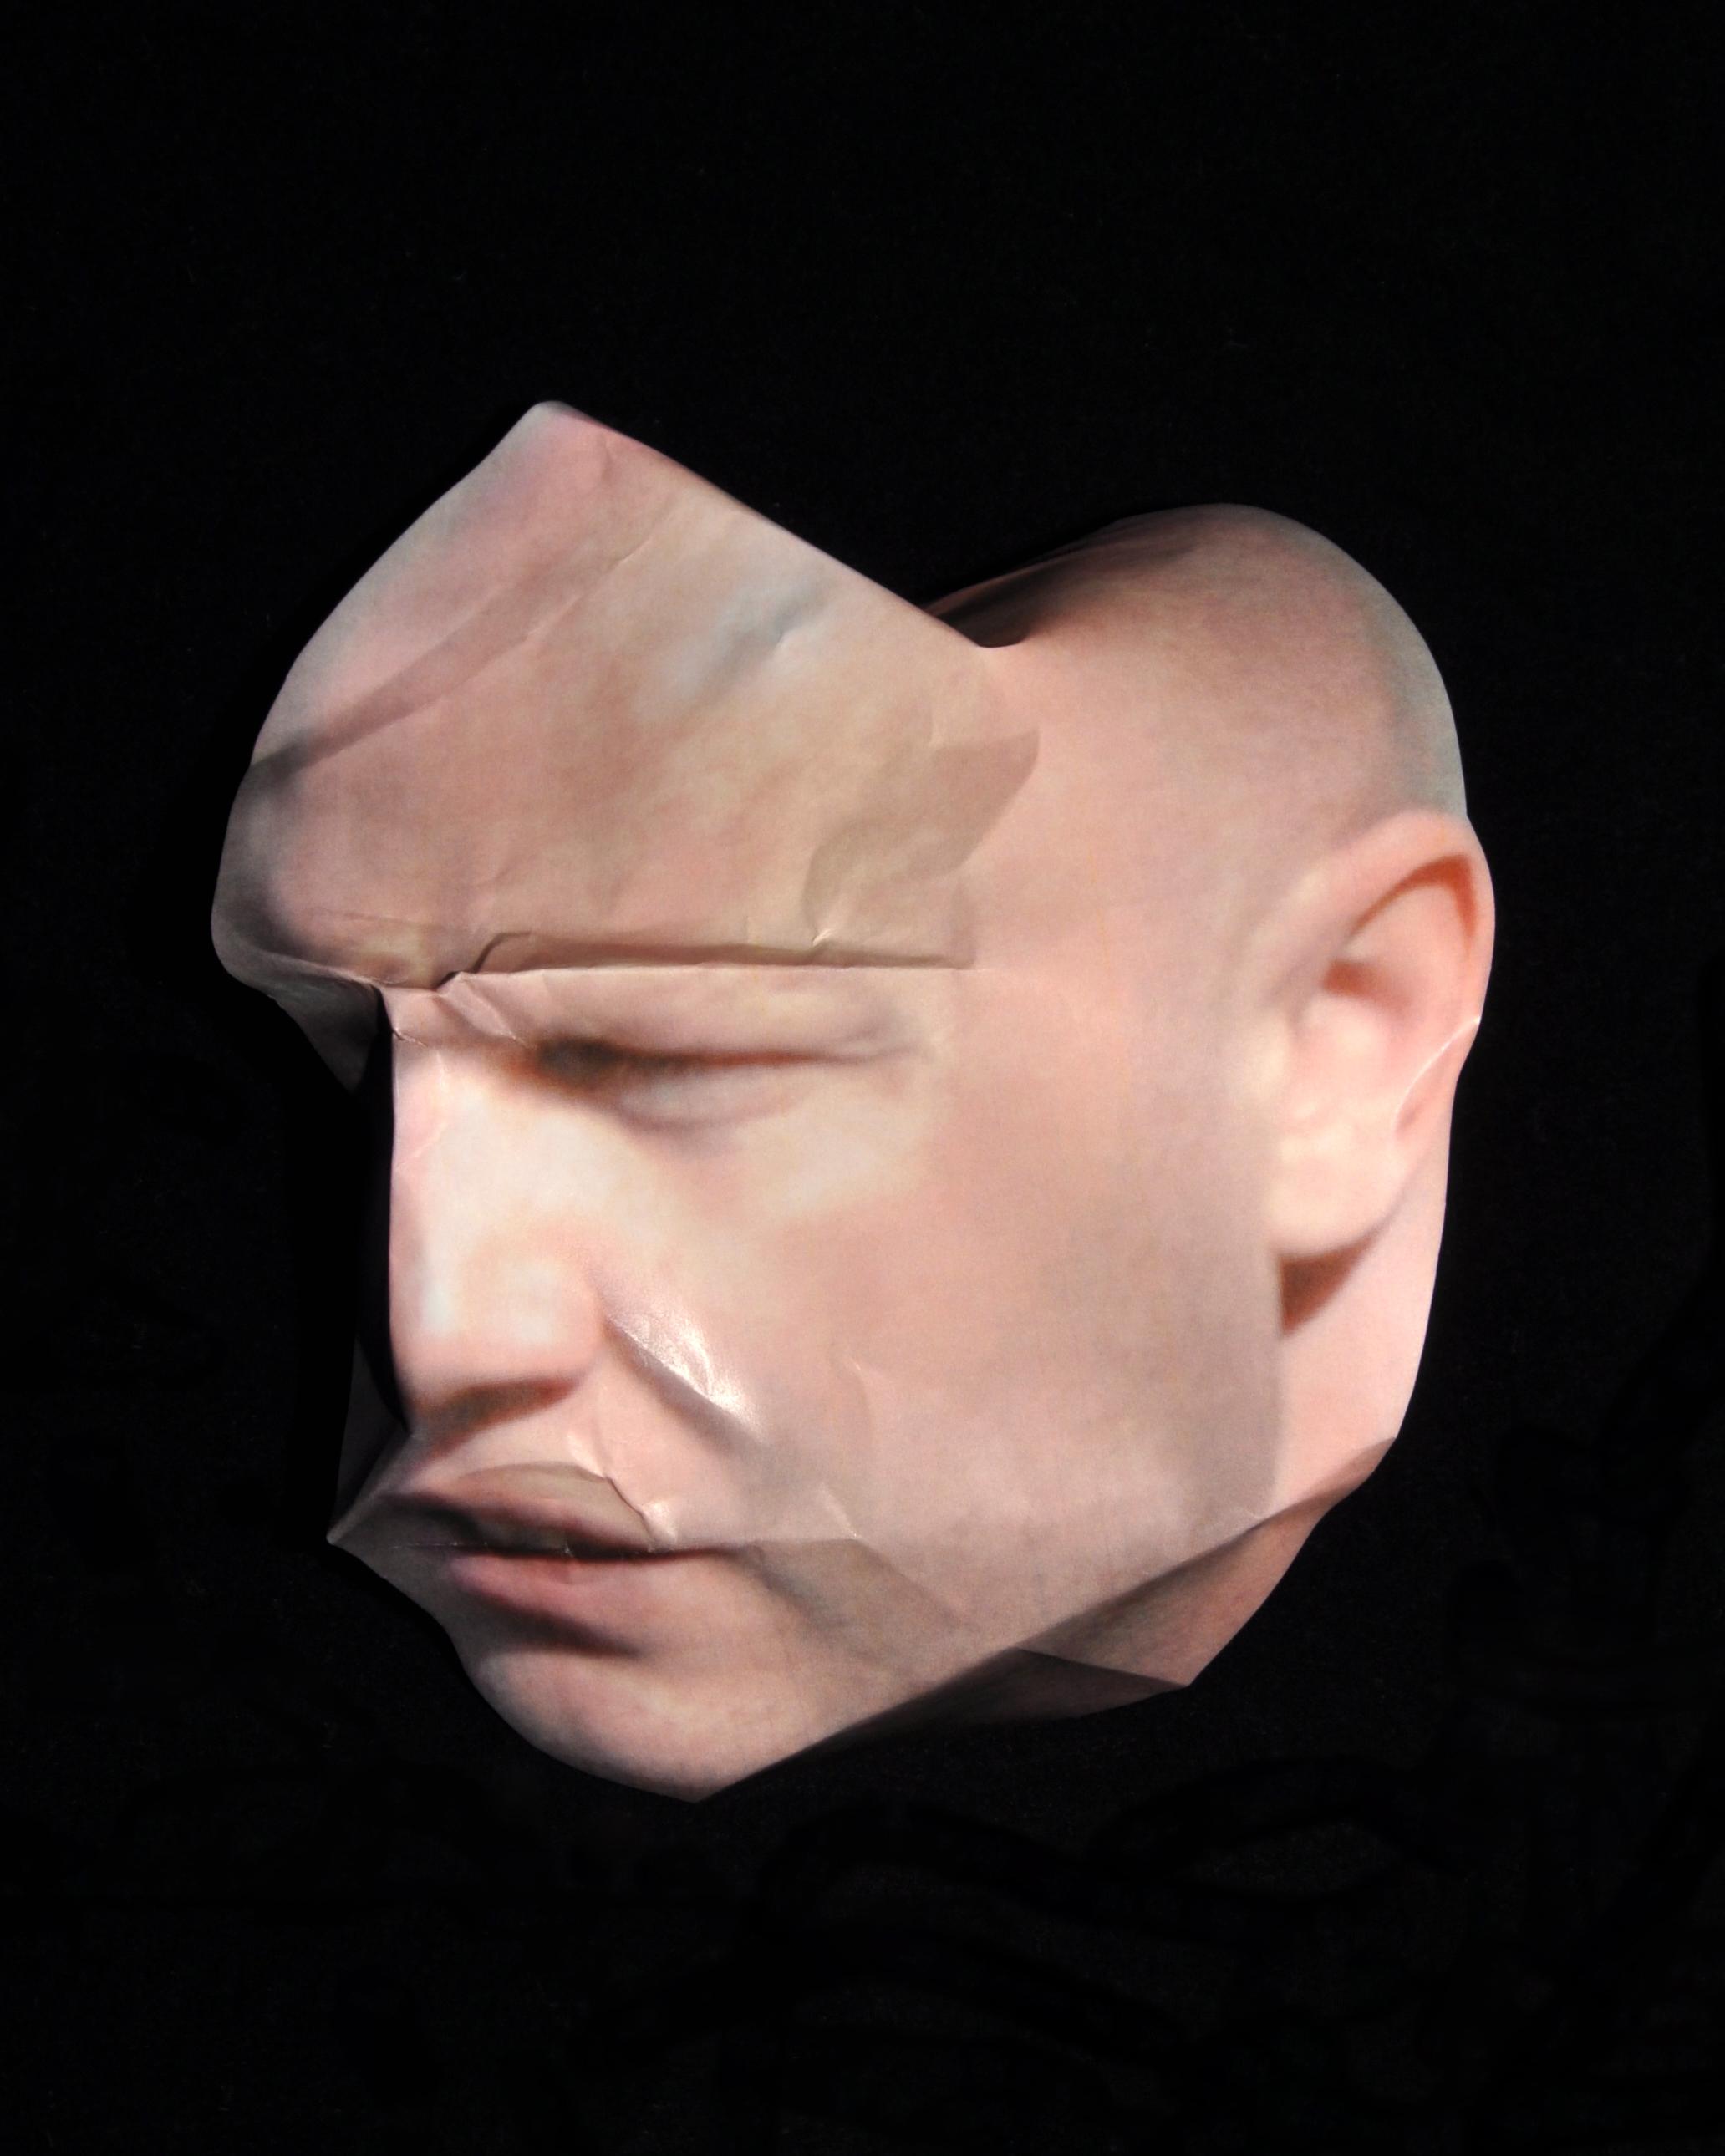 brow bald.jpg